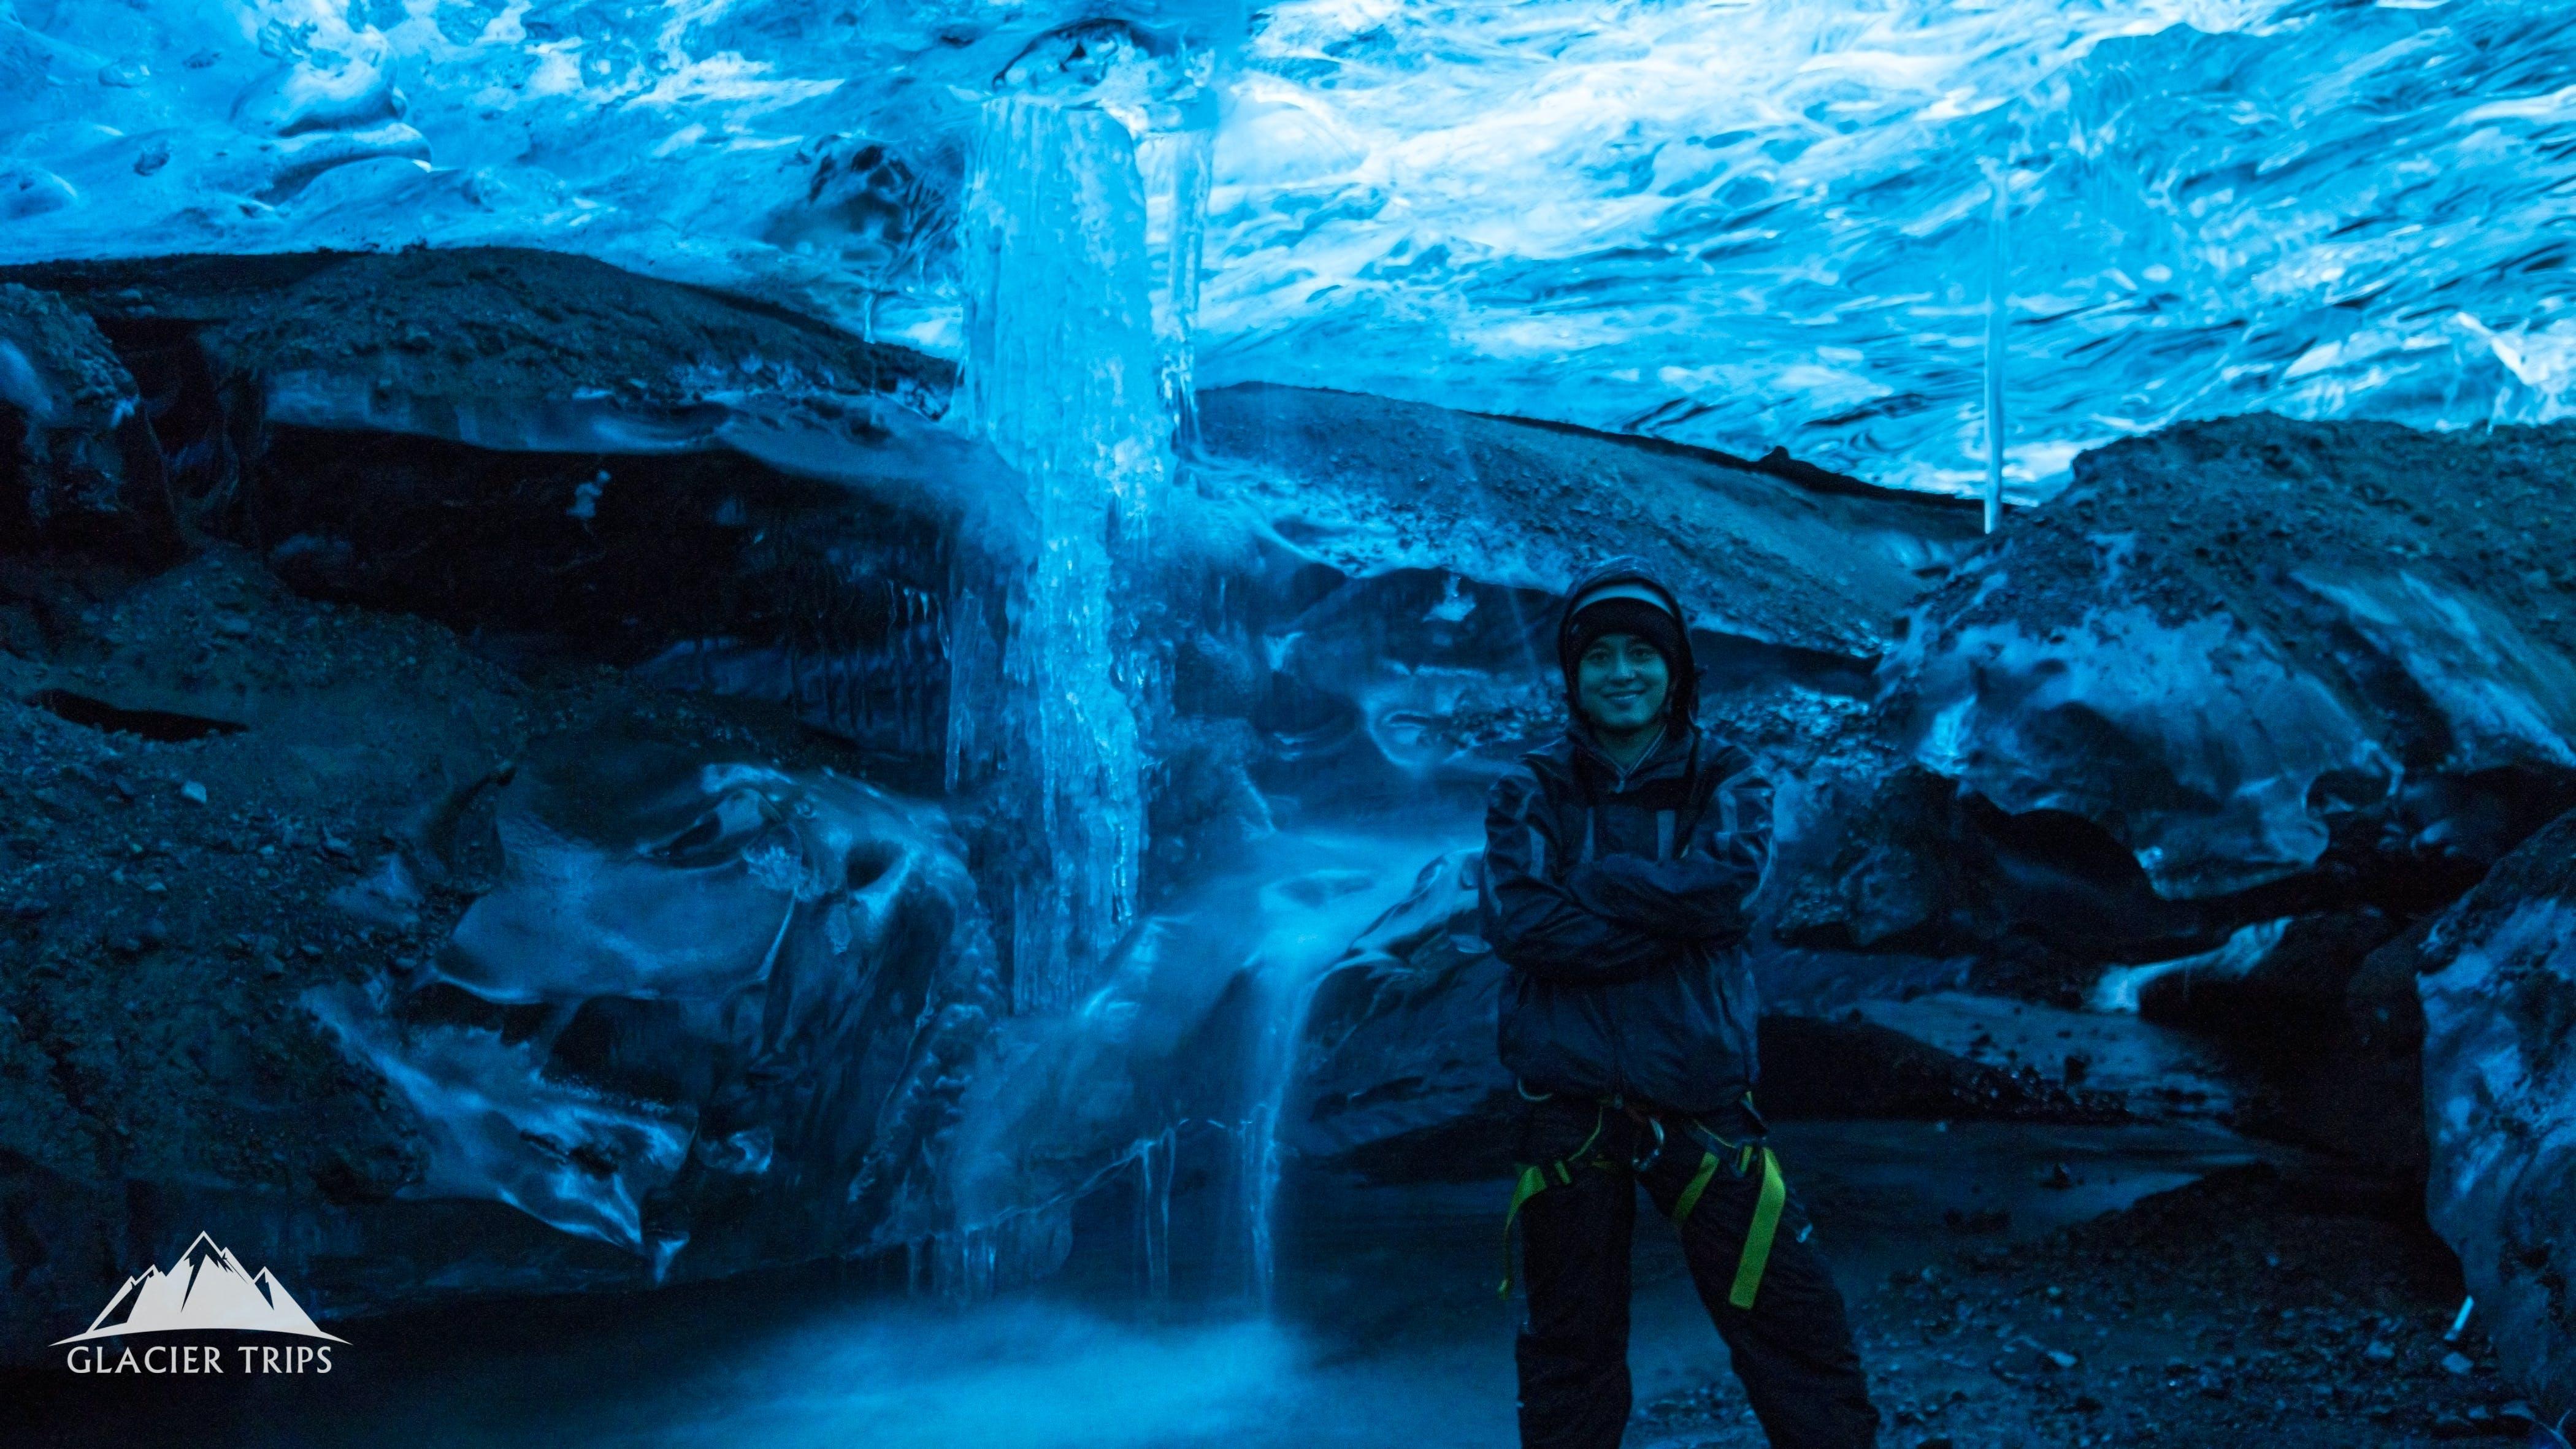 Eishöhle - Im Inneren des größten Gletschers Europas